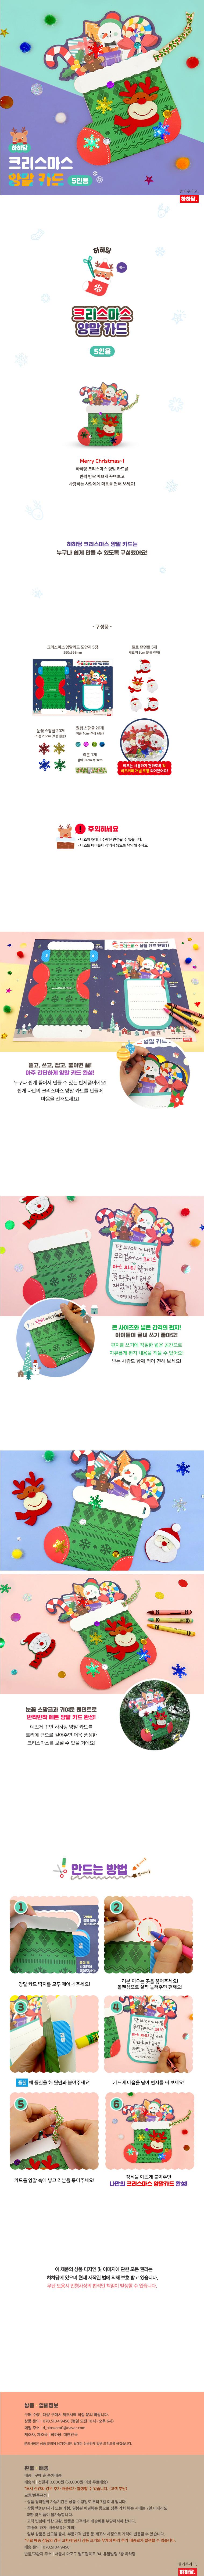 크리스마스 양말카드 5set - 하하당, 9,500원, 종이공예/북아트, 북아트 패키지